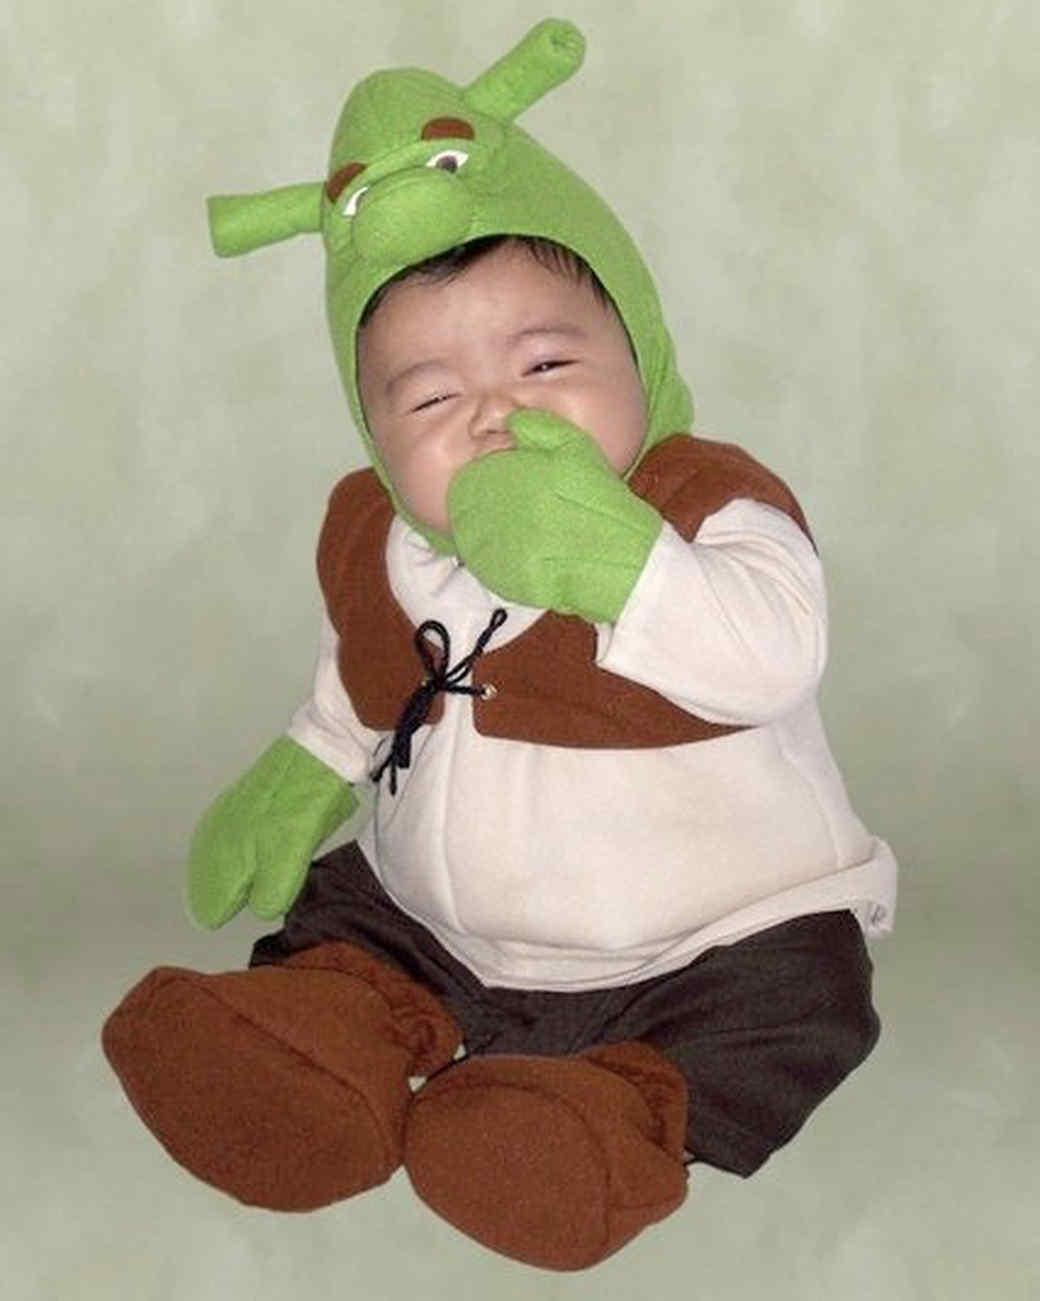 shrek-costume-mslb7009.jpg